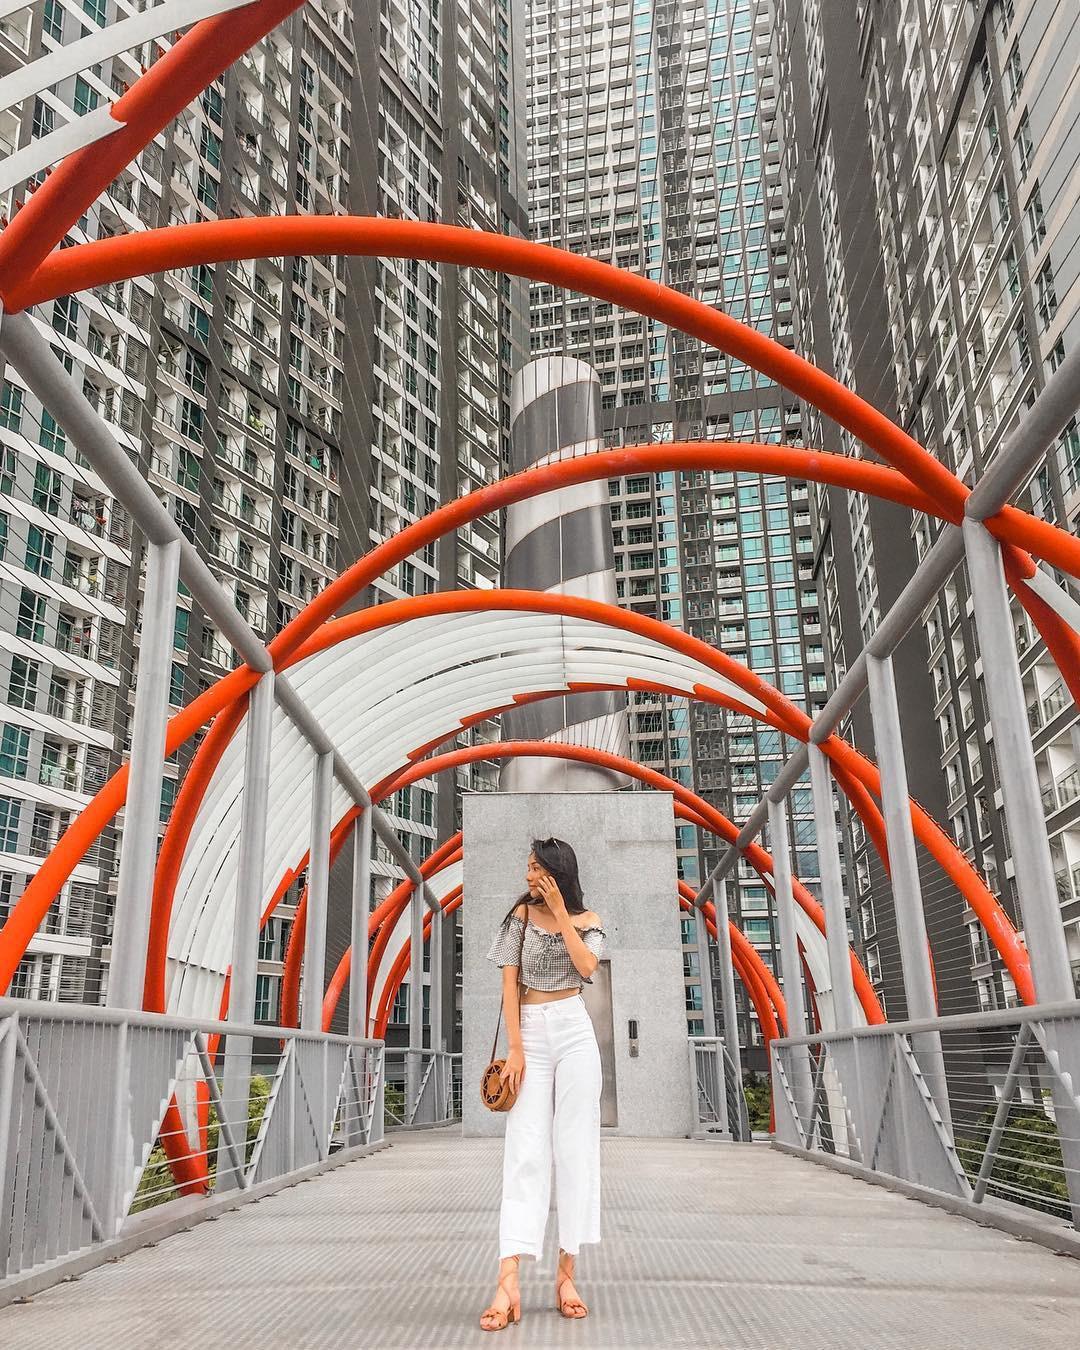 """""""Act cool đứng hình mất 5s"""" trước 8 cây cầu sống ảo đẹp nhất Việt Nam, bạn đã check-in hết chưa? - Ảnh 40."""